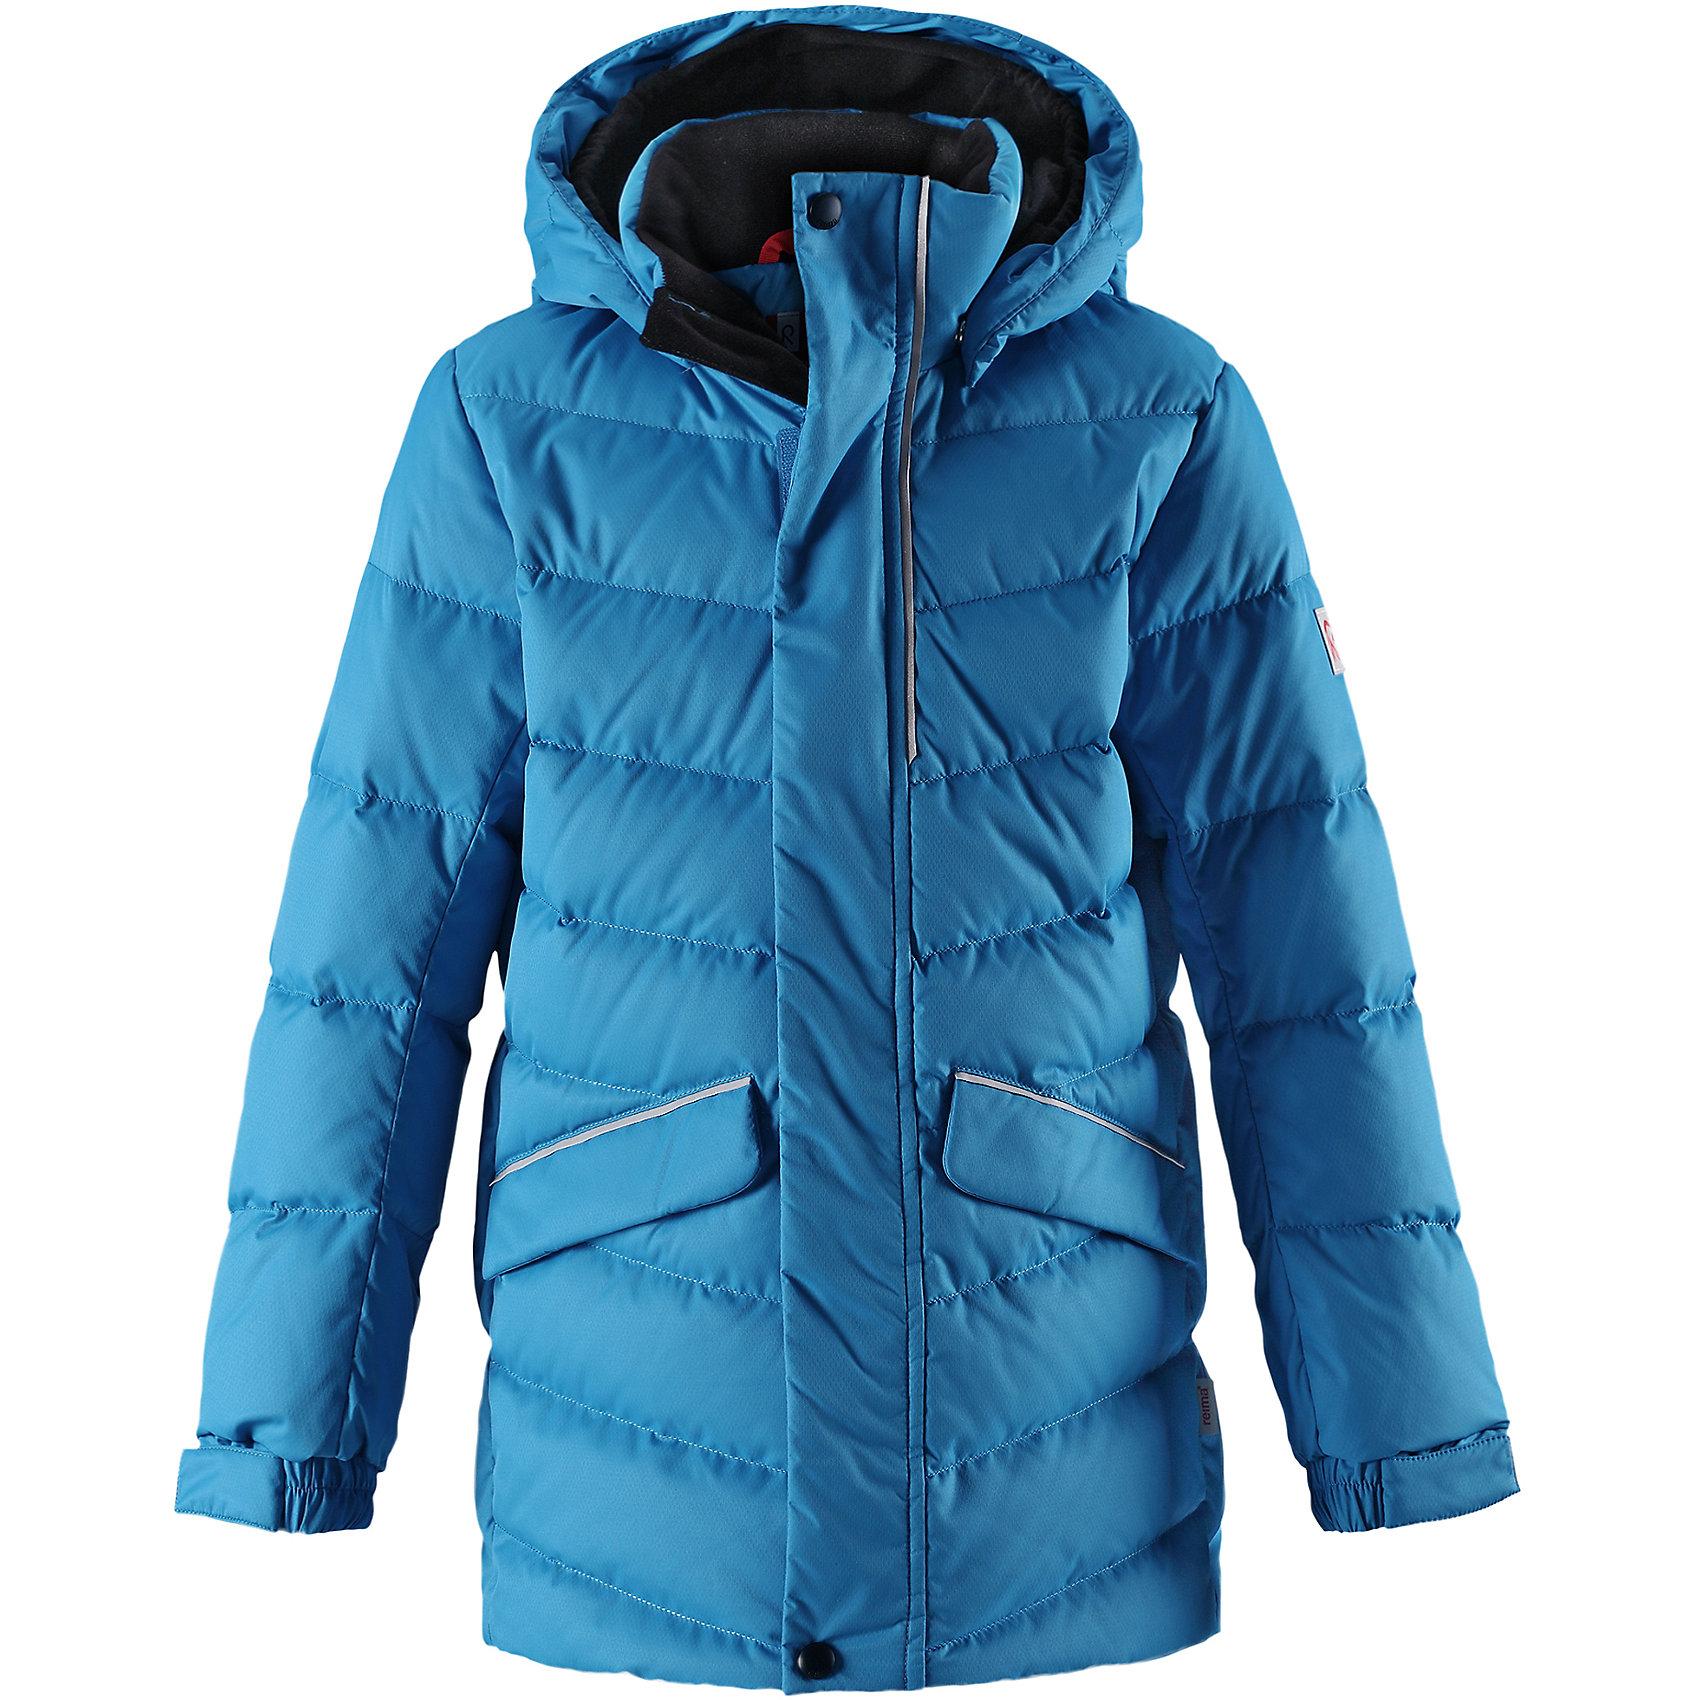 Куртка Reima Janne для мальчикаВерхняя одежда<br>Характеристики товара:<br><br>• цвет: голубой;<br>• состав: 100% полиэстер;<br>• подкладка: 100% полиэстер;<br>• утеплитель: 60% пух, 40; перо;<br>• сезон: зима;<br>• температурный режим: от 0 до -30С;<br>• водонепроницаемость: 5000 мм;<br>• воздухопроницаемость: 2000 мм;<br>• износостойкость: 10000 циклов (тест Мартиндейла);<br>• водо- и ветронепроницаемый, дышащий и грязеотталкивающий материал;<br>• основные швы проклеены и не пропускают влагу;<br>• застежка: молния с дополнительной планкой;<br>• гладкая подкладка из полиэстера;<br>• безопасный съемный капюшон;<br>• регулируемые манжеты и подол;<br>• петля для дополнительных светоотражающих деталей;<br>• два кармана с кнопками:<br>• светоотражающие детали;<br>• страна бренда: Финляндия;<br>• страна изготовитель: Китай.<br><br>Пуховая куртка для спорта и прогулок по городу. Поверхность с ромбовидным узором добби, утеплитель пух/перо (60/40%). Эта удлиненная модель изготовлена из дышащего, водо и ветронепроницаемого материала. В куртке вашему ребенку будет тепло и уютно в морозный день. Благодаря подкладке из гладкого полиэстера, куртка легко надевается. <br><br>Снабжена безопасным съемным капюшоном, а также регулируемыми манжетами и подолом. Куртка изготовлена из грязеотталкивающего материала, но при этом ее можно сушить в сушильной машине. Она снабжена двумя карманами с клапанами, в одном из которых спрятана удобная петелька. Прикрепите на нее любимый светоотражатель вашего ребенка и обеспечьте ему безопасность и лучшую видимость!<br><br>Куртку Janne для мальчика Reima от финского бренда Reima (Рейма) можно купить в нашем интернет-магазине.<br><br>Ширина мм: 356<br>Глубина мм: 10<br>Высота мм: 245<br>Вес г: 519<br>Цвет: синий<br>Возраст от месяцев: 156<br>Возраст до месяцев: 168<br>Пол: Мужской<br>Возраст: Детский<br>Размер: 104,164,110,116,122,128,134,140,146,152,158<br>SKU: 6903184